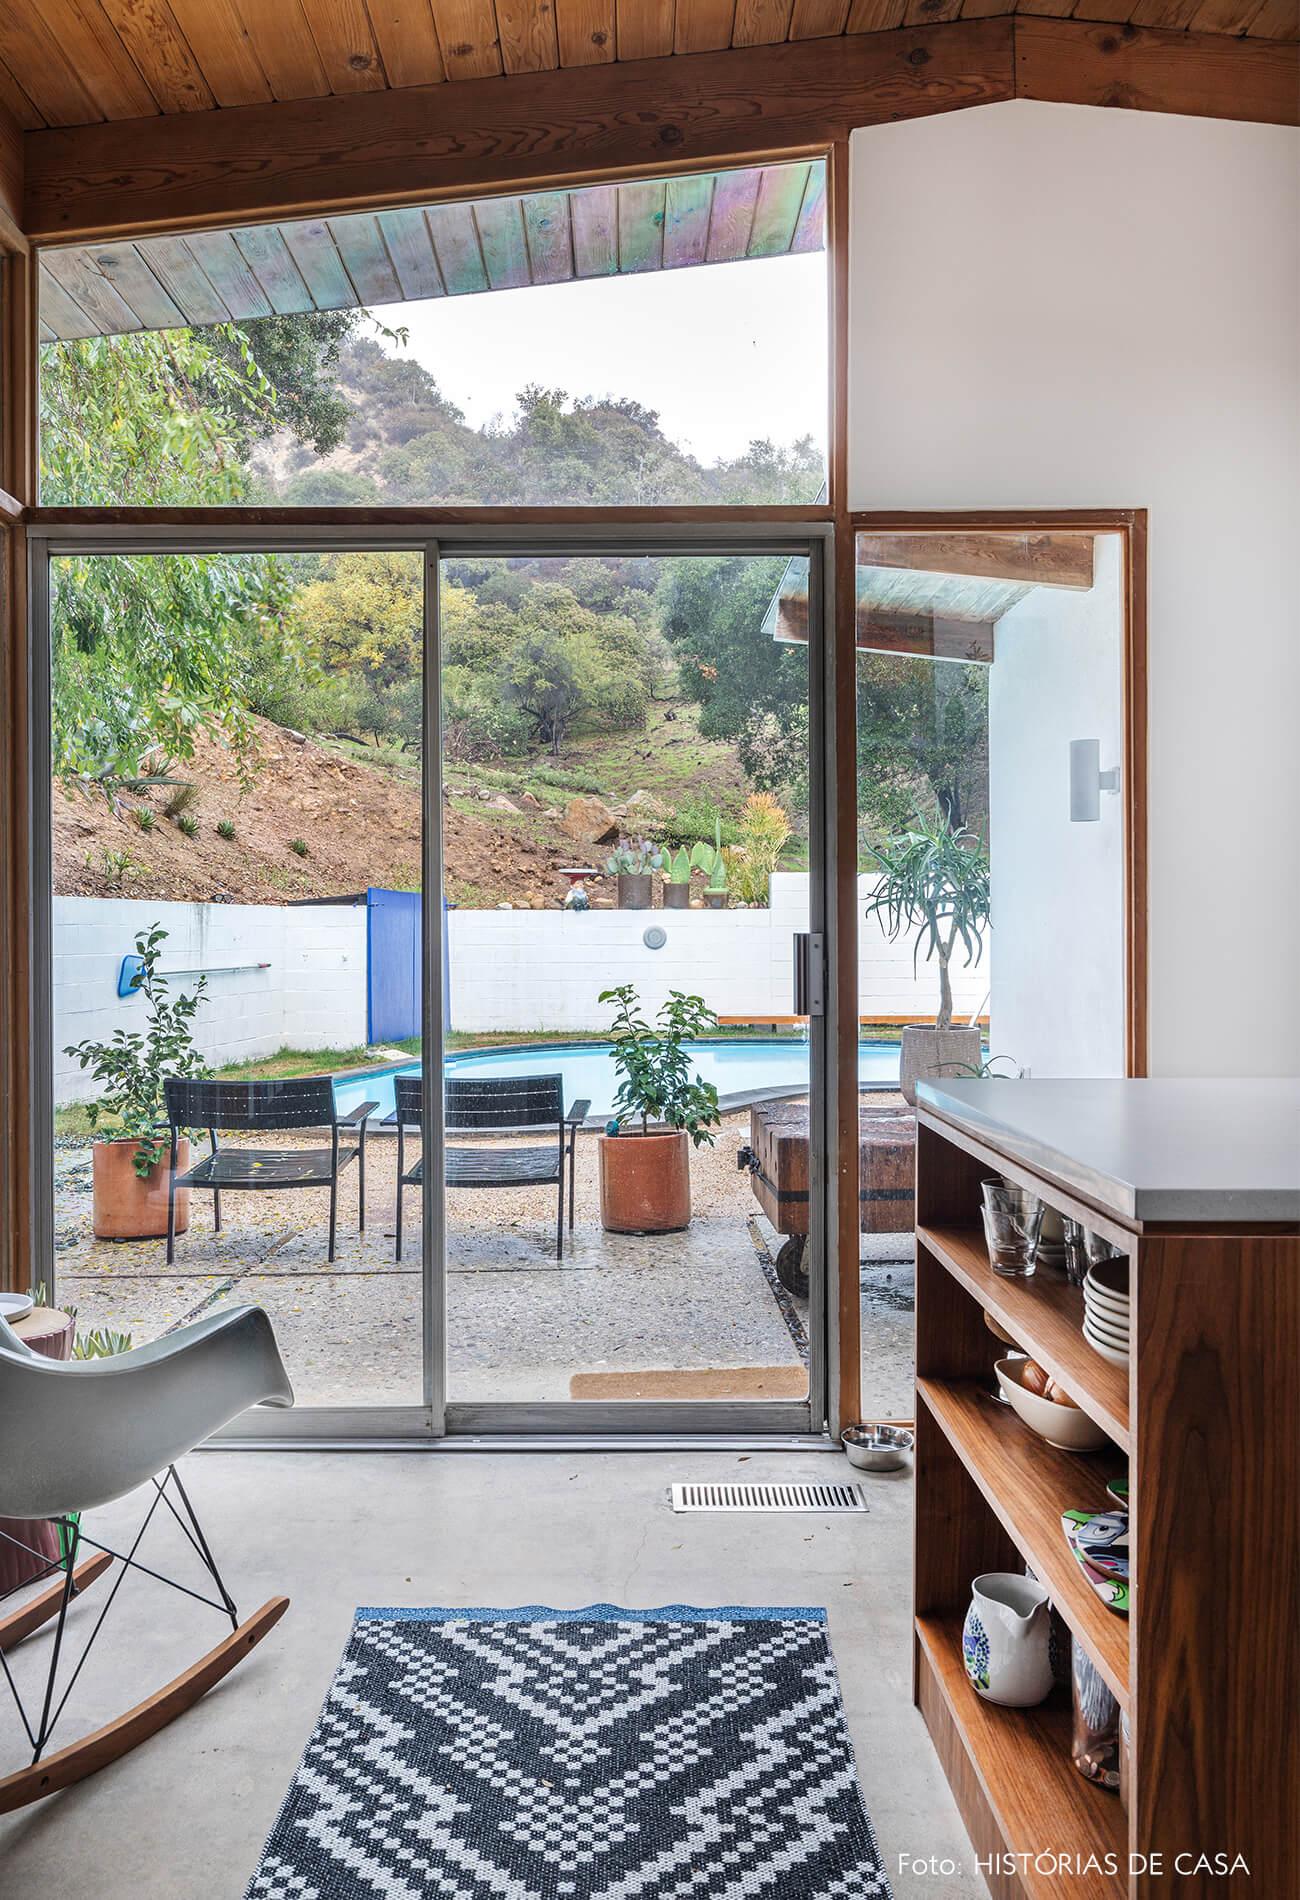 decoração casa de vidro e madeira caderia eames com vista pra piscina